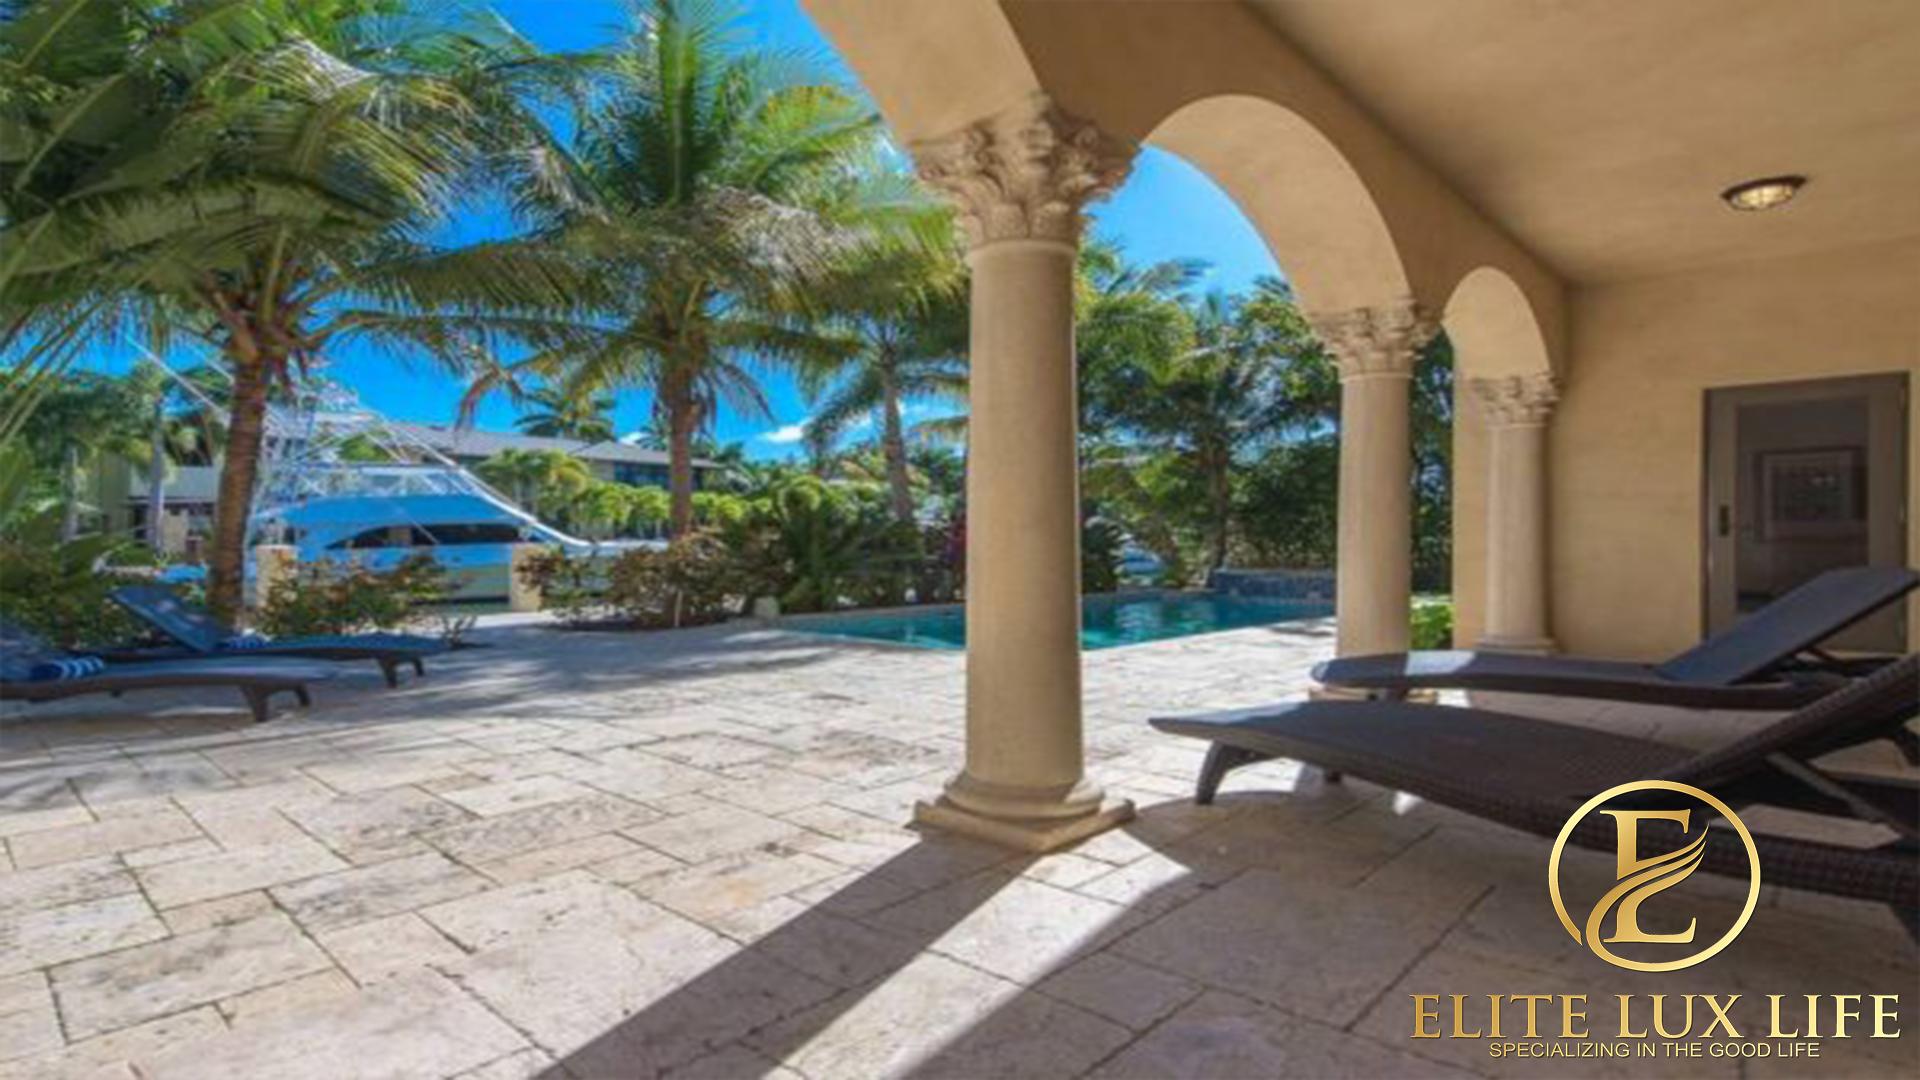 Villa Mediterranean Elite 19